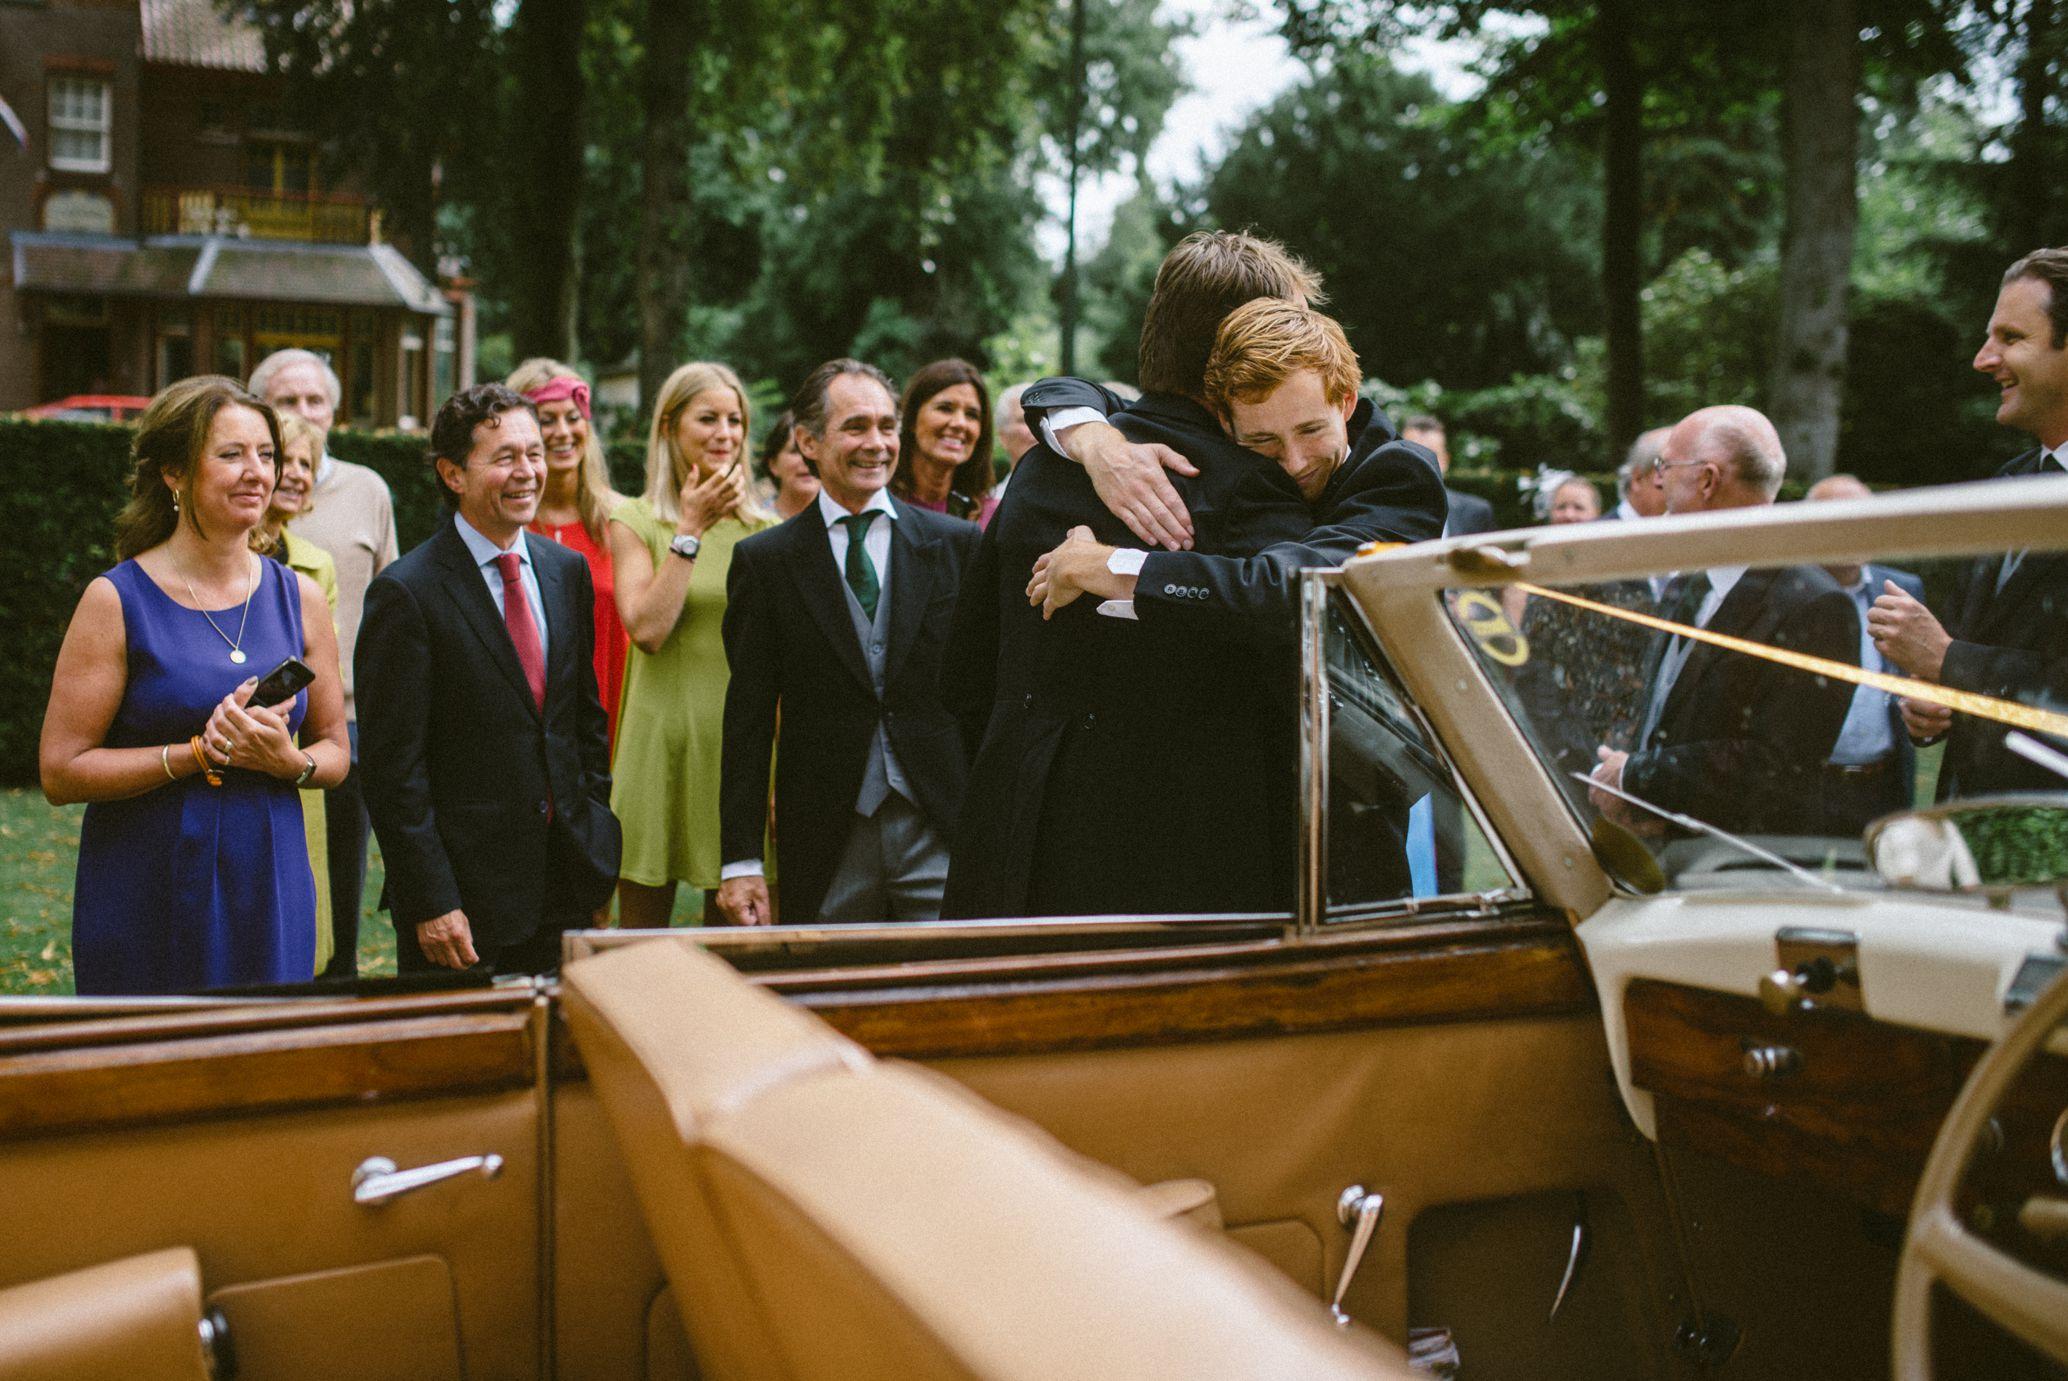 bruidsfotograaf amsterdam_0018.jpg